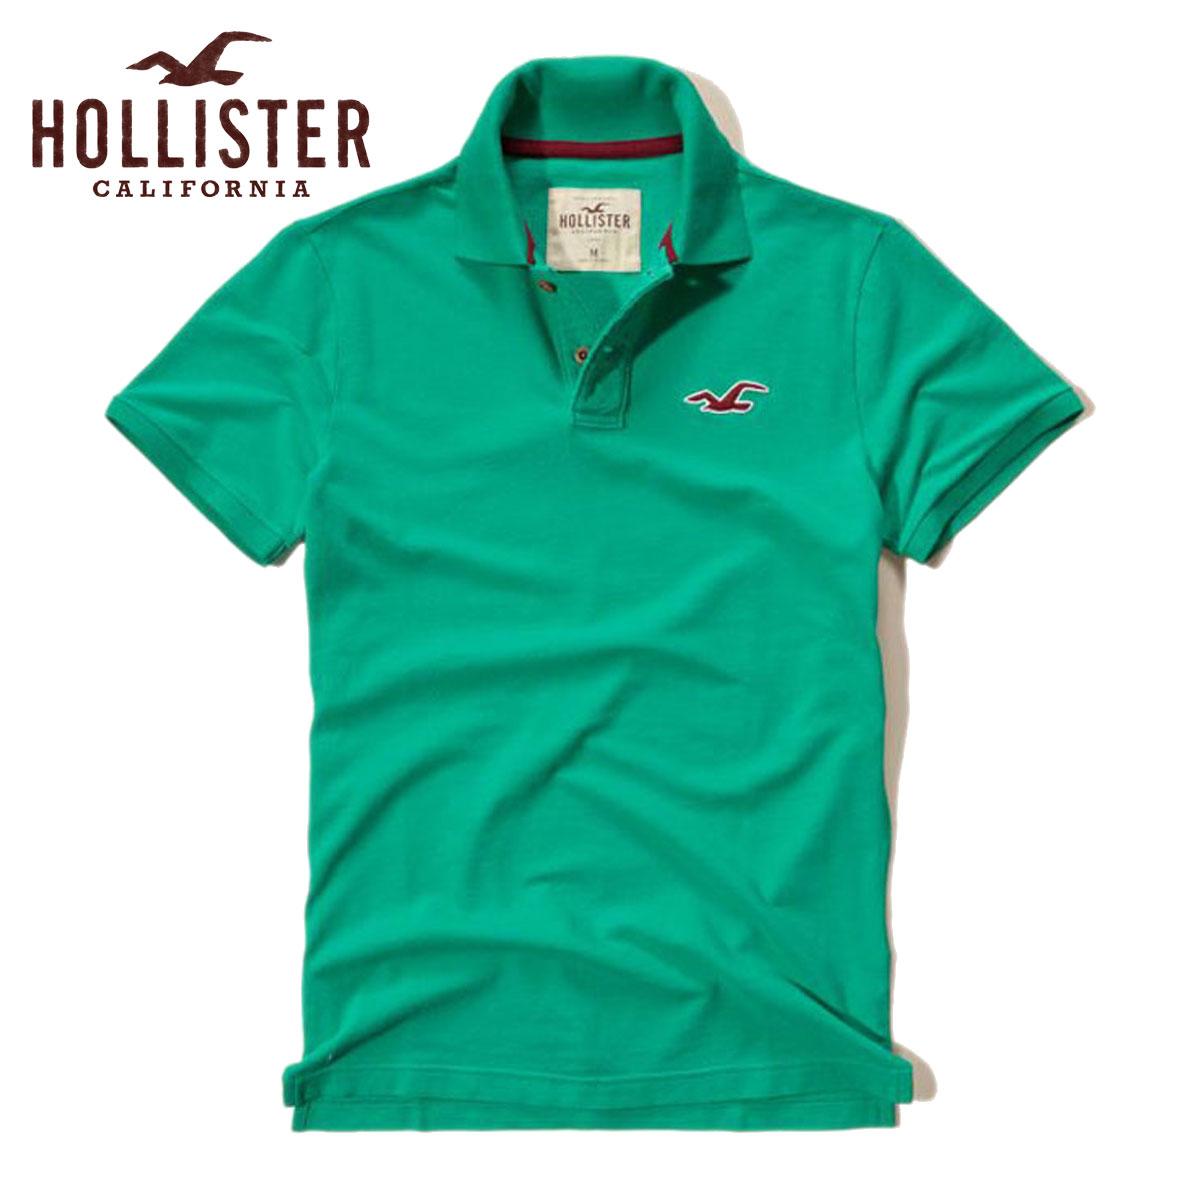 ホリスター HOLLISTER 正規品 メンズ 半袖ポロシャツ 父の日 Contrast Icon Polo SLIM FIT 321-364-0508-300